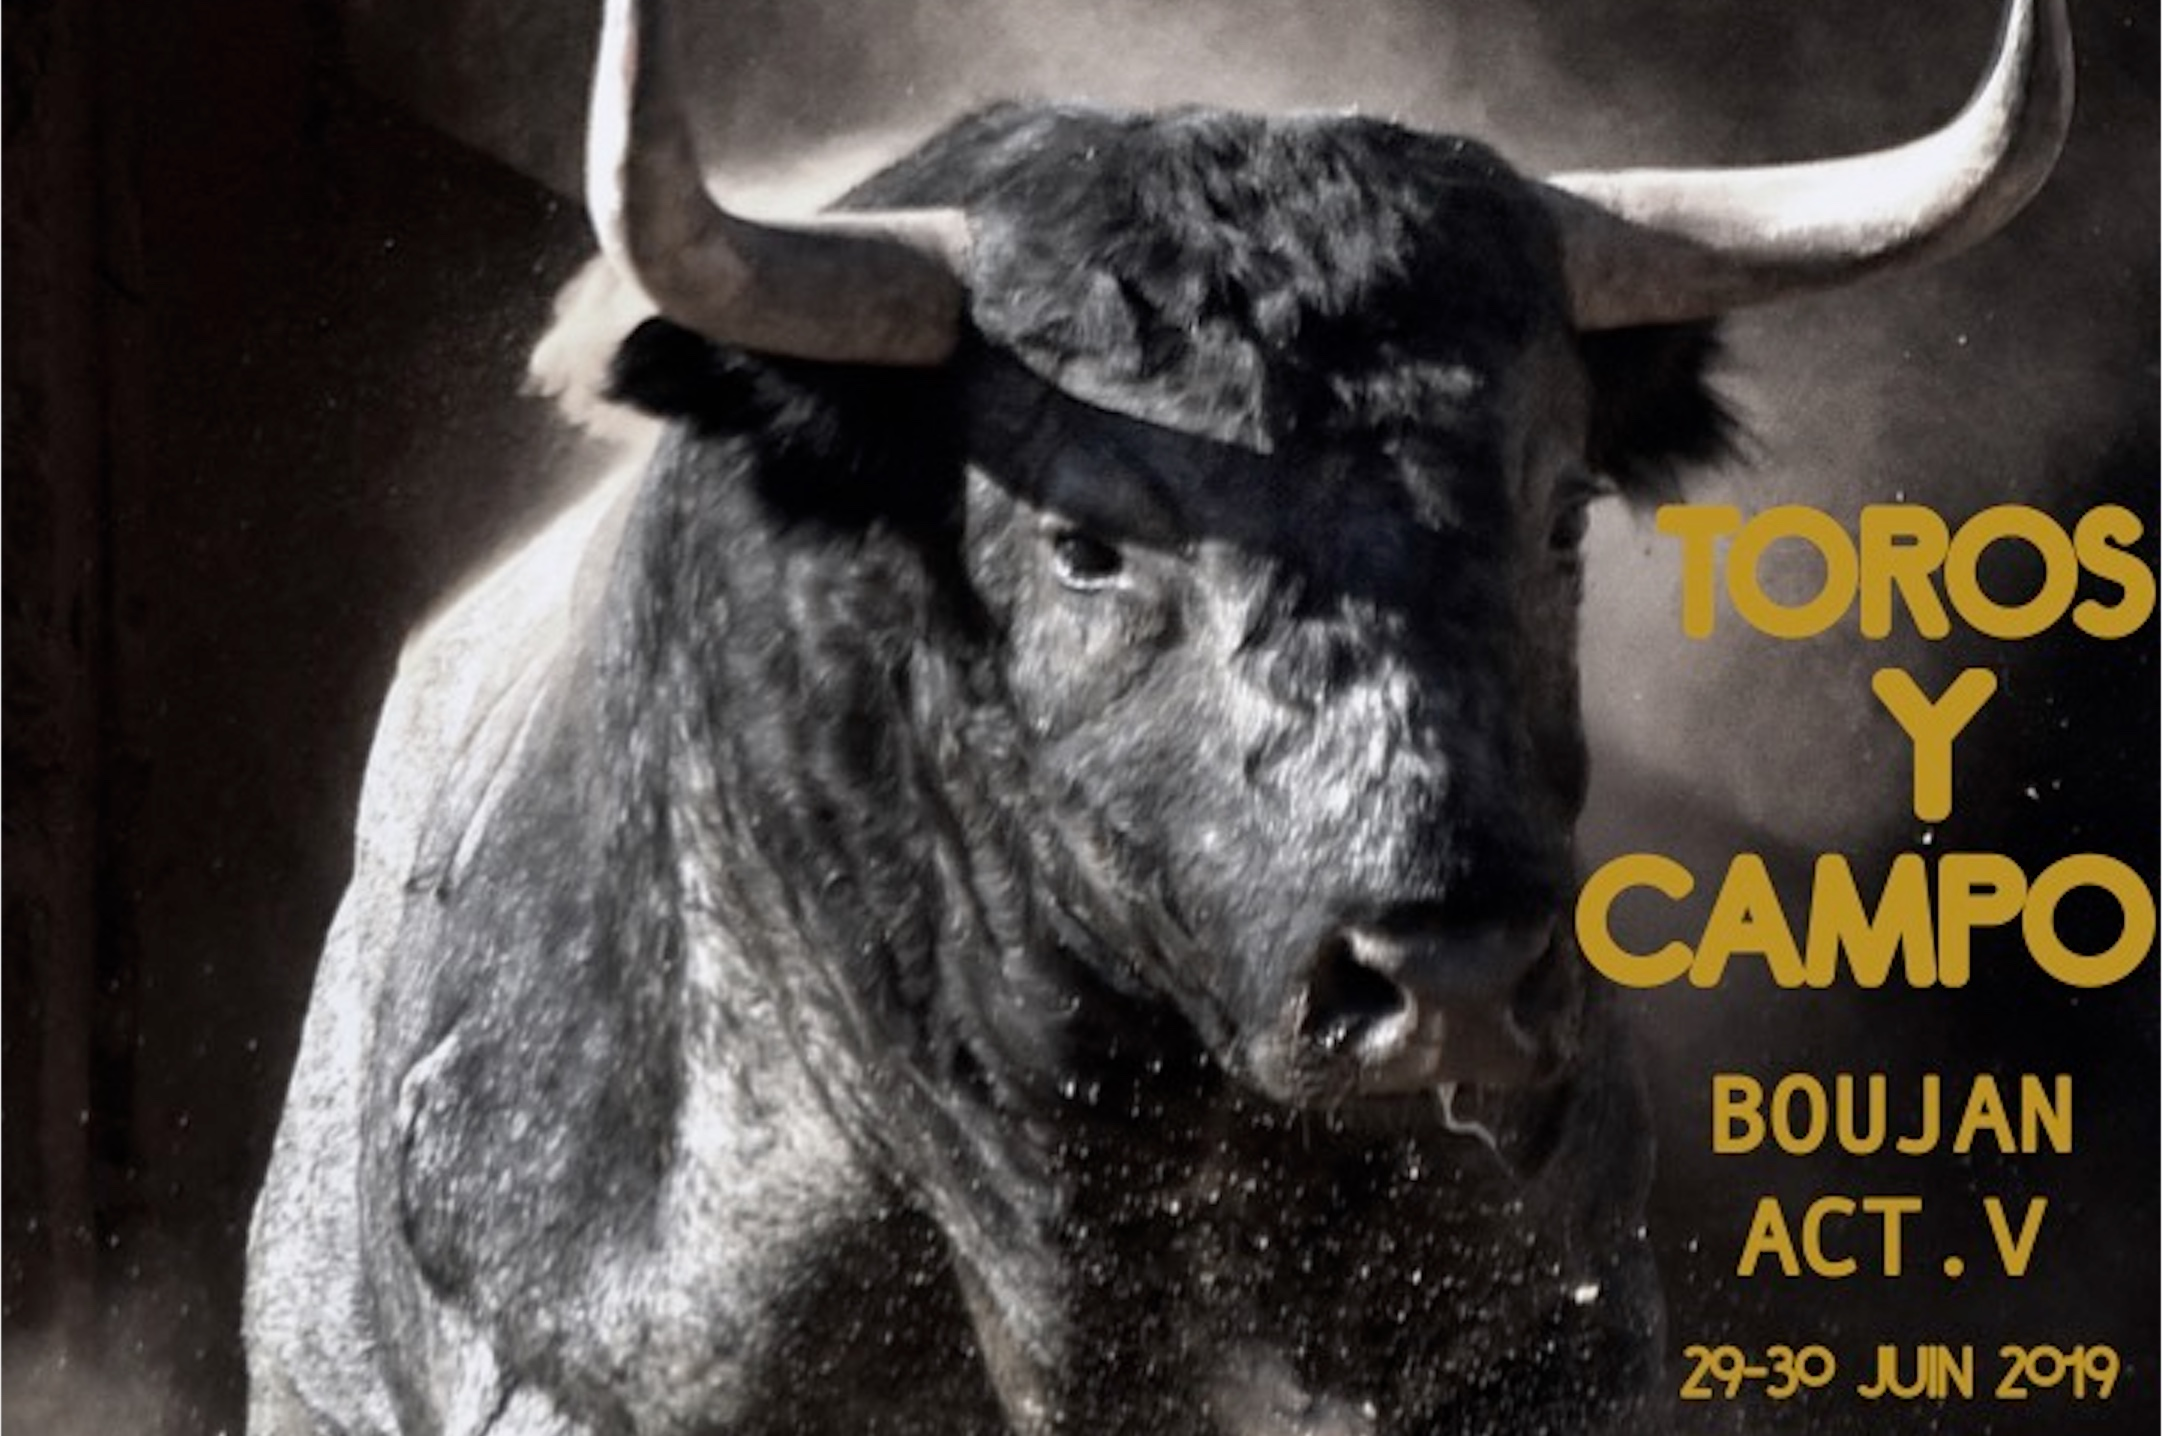 BOUJAN // Les cartels et le programme de TOROS Y CAMPO BOUJAN 2019